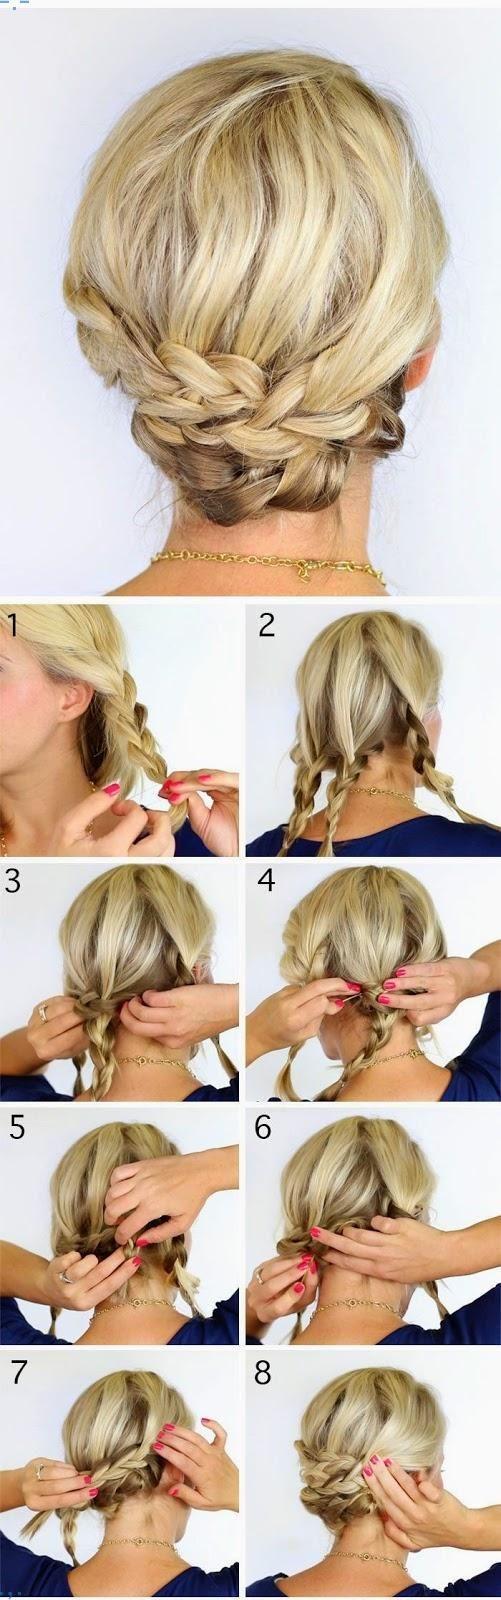 5 Fabulous Hair Tutorials For Short Hair